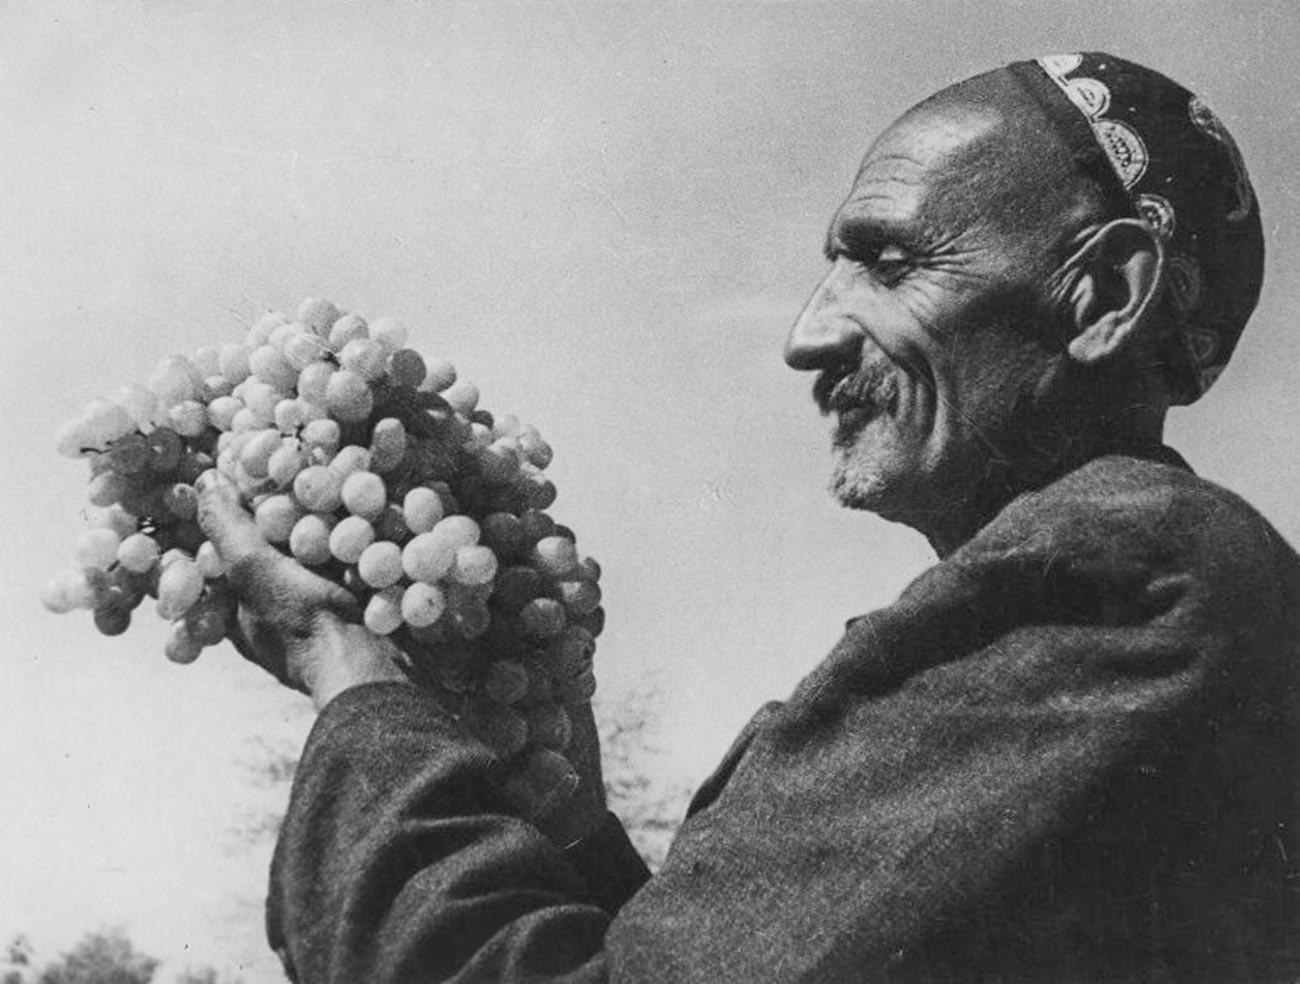 ウズベク・ソビエト社会主義共和国で最高のブドウ栽培者で勲章も受章したリザマト・ムサムハメドフ。ウズベキスタン独自のブドウの品種「ルンドヴァイス」を開発した。1939年。